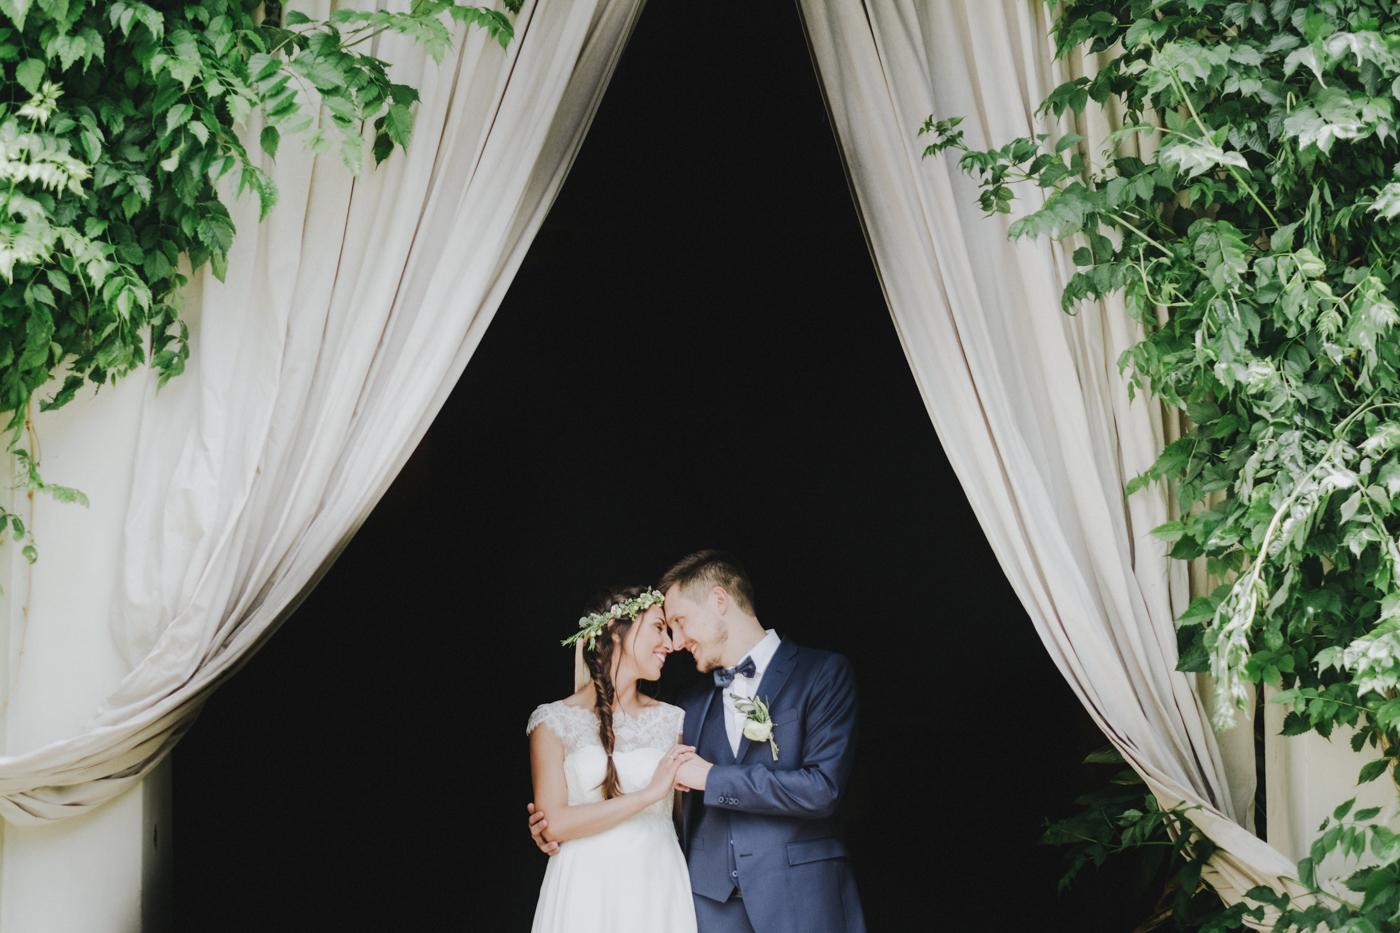 fotografo matrimonio como-102.jpg